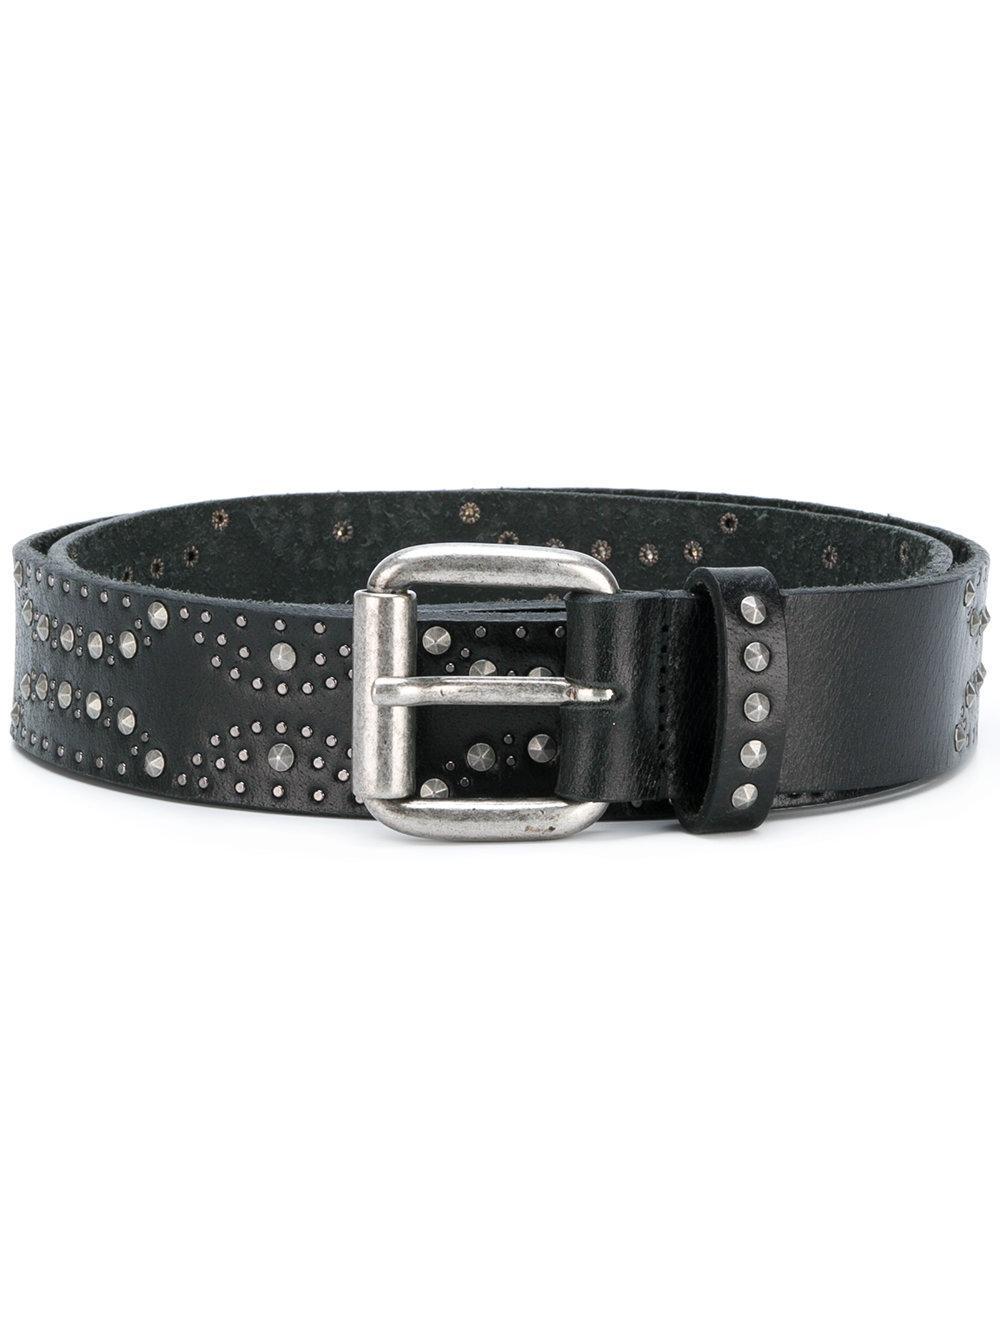 Just Cavalli Studded Belt